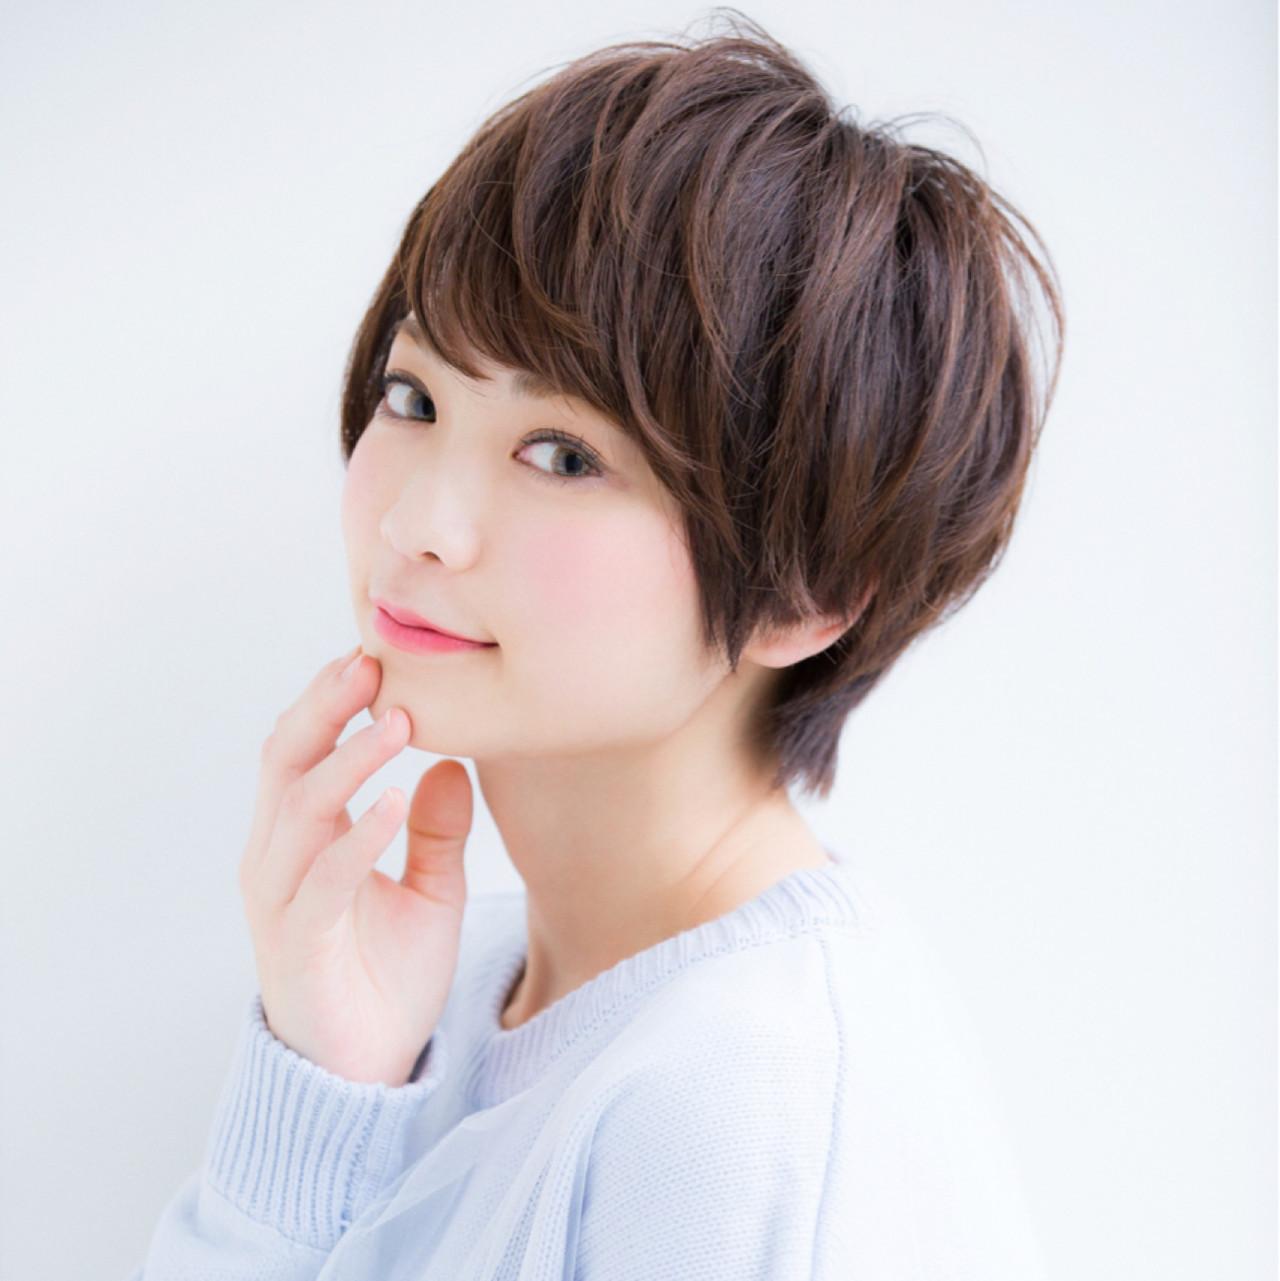 手軽に可愛いヘアスタイルが手に入る前髪くるんの作り方レッスン